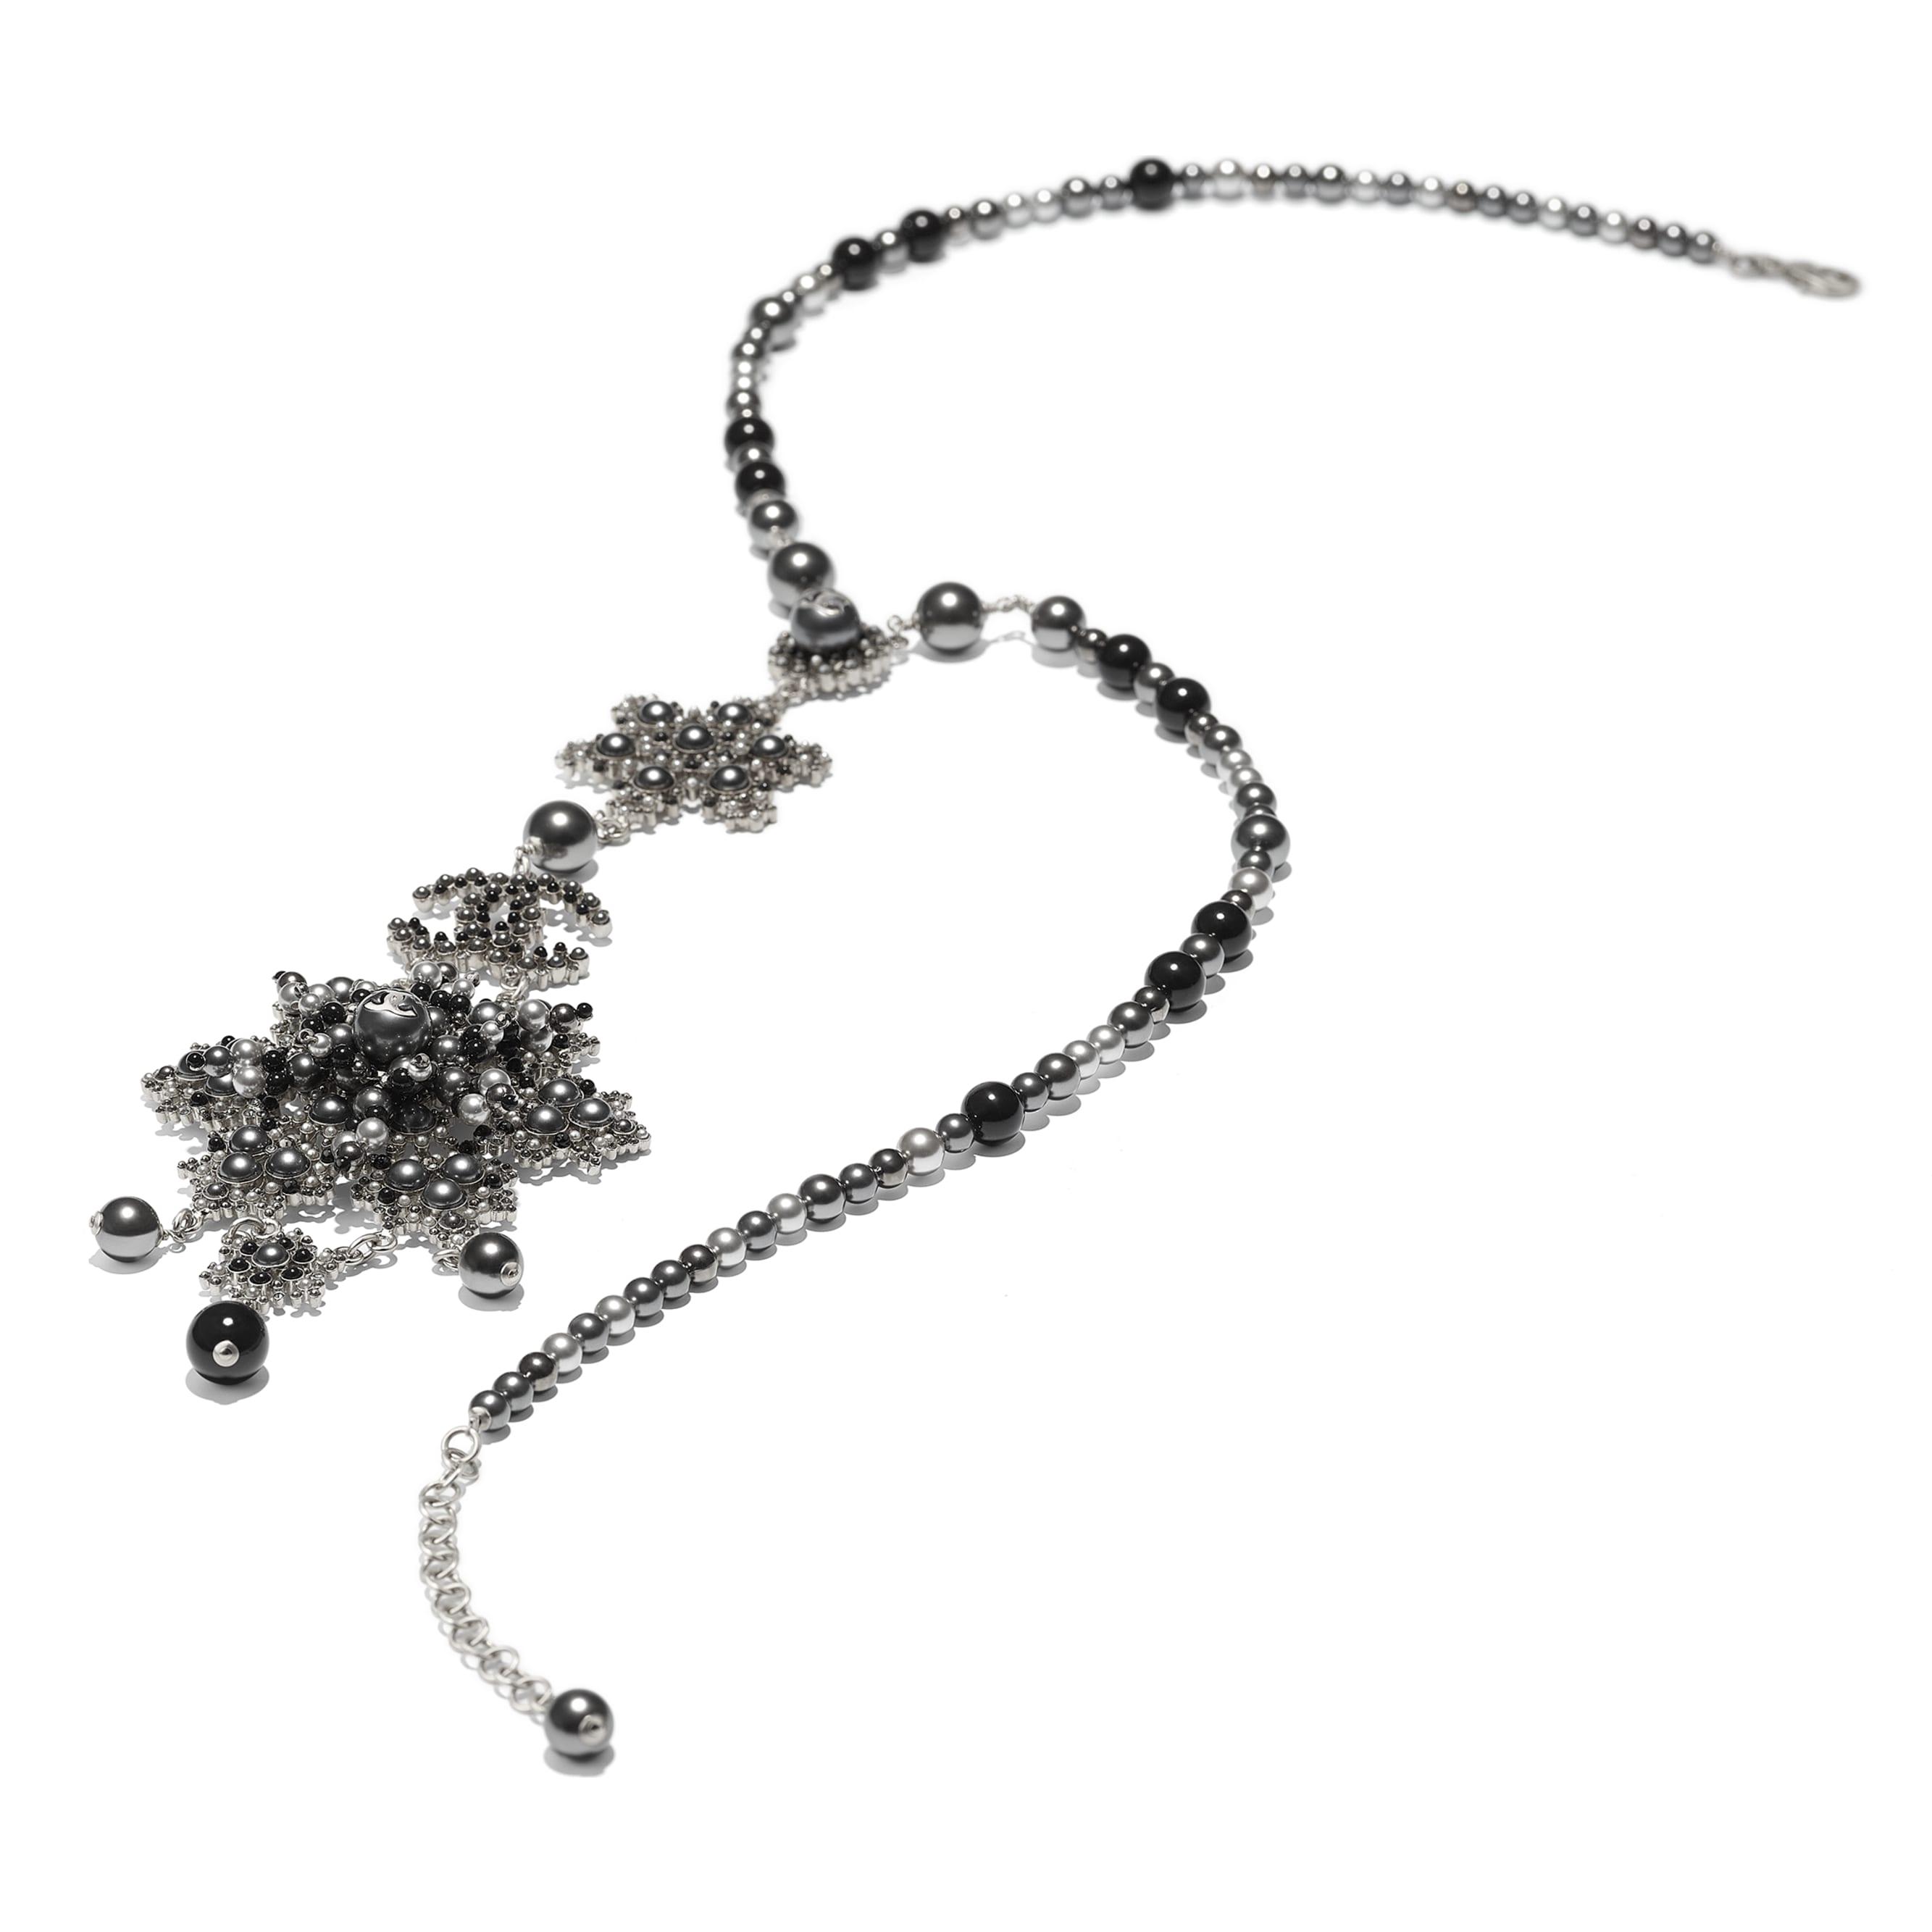 Колье - Серебристый, черный и серый - Металл, жемчуг и стразы - Альтернативный вид - посмотреть изображение стандартного размера